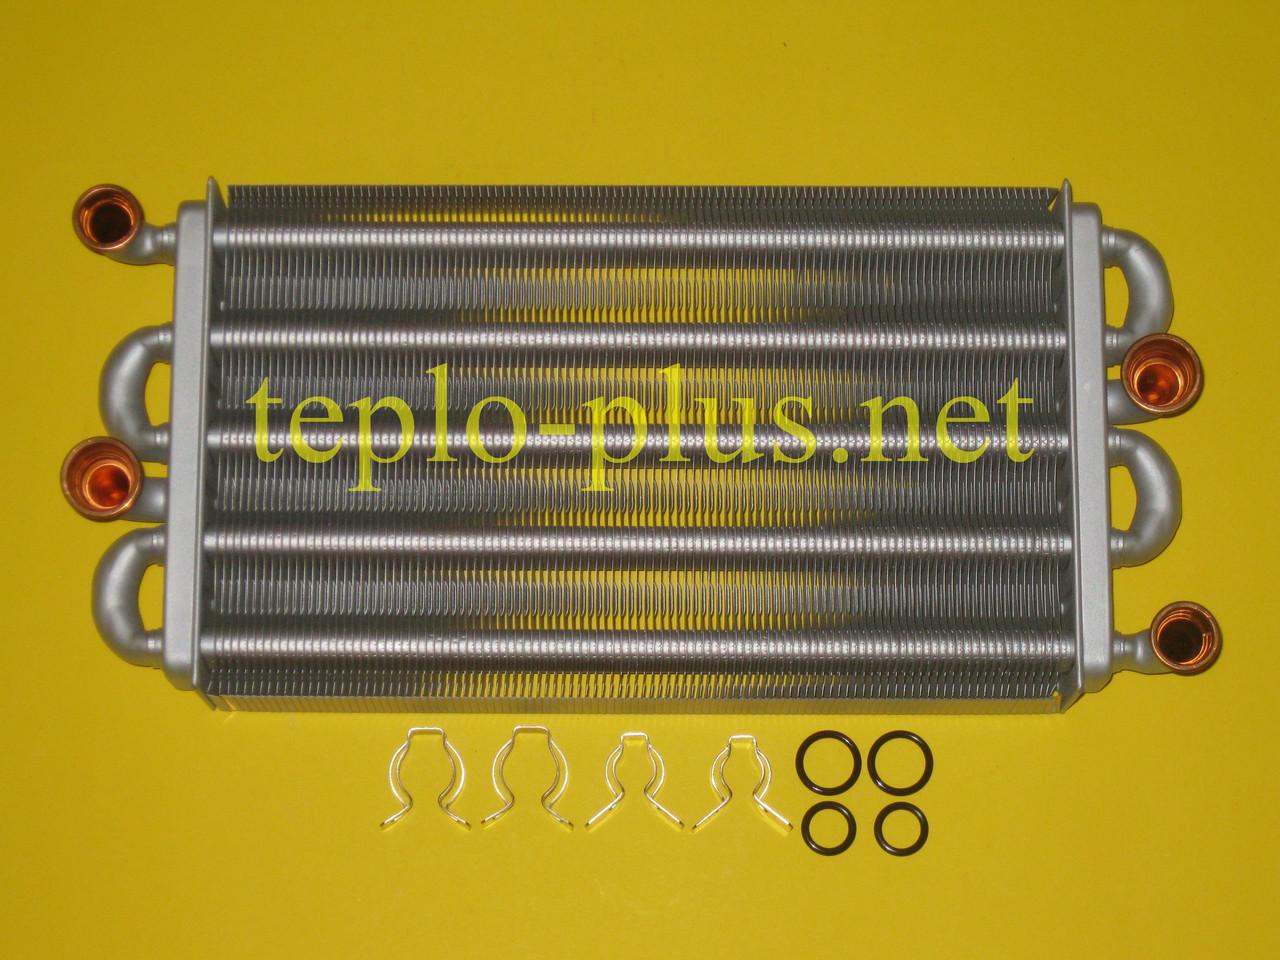 Теплообменник битермический 39842570 Ferroli Domiproject F32D, Domina F28 N